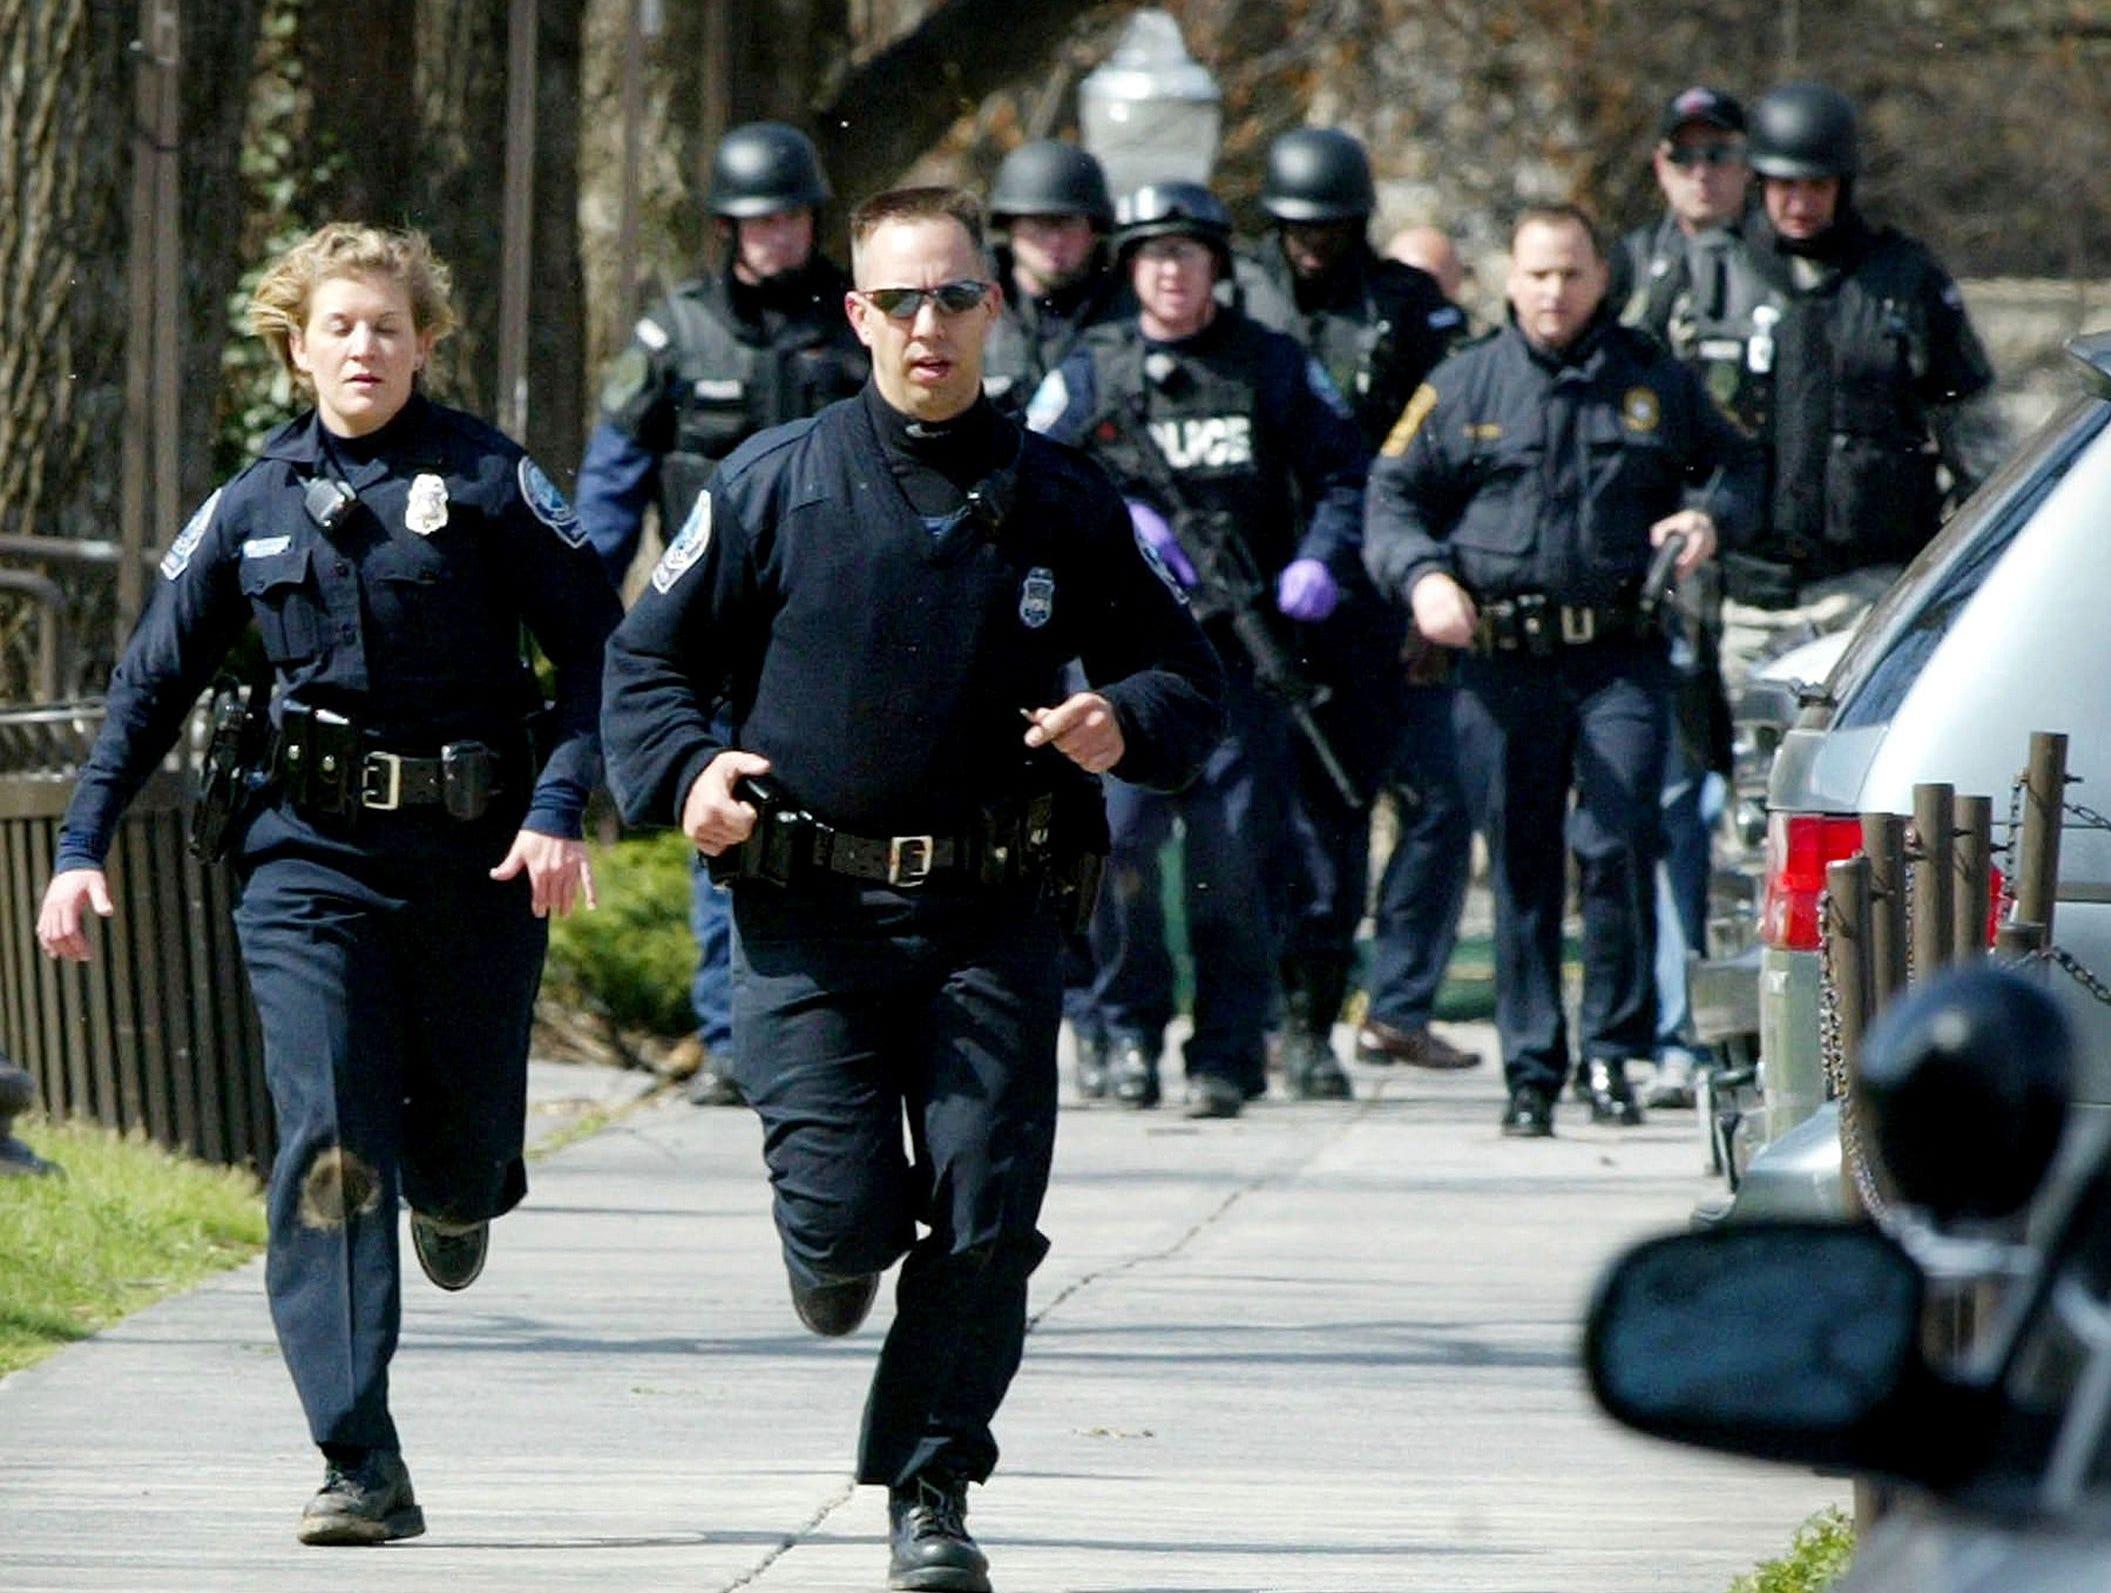 Virginia Tech   Blacksburg, Virginia   April 16, 2007   33 dead   23 wounded